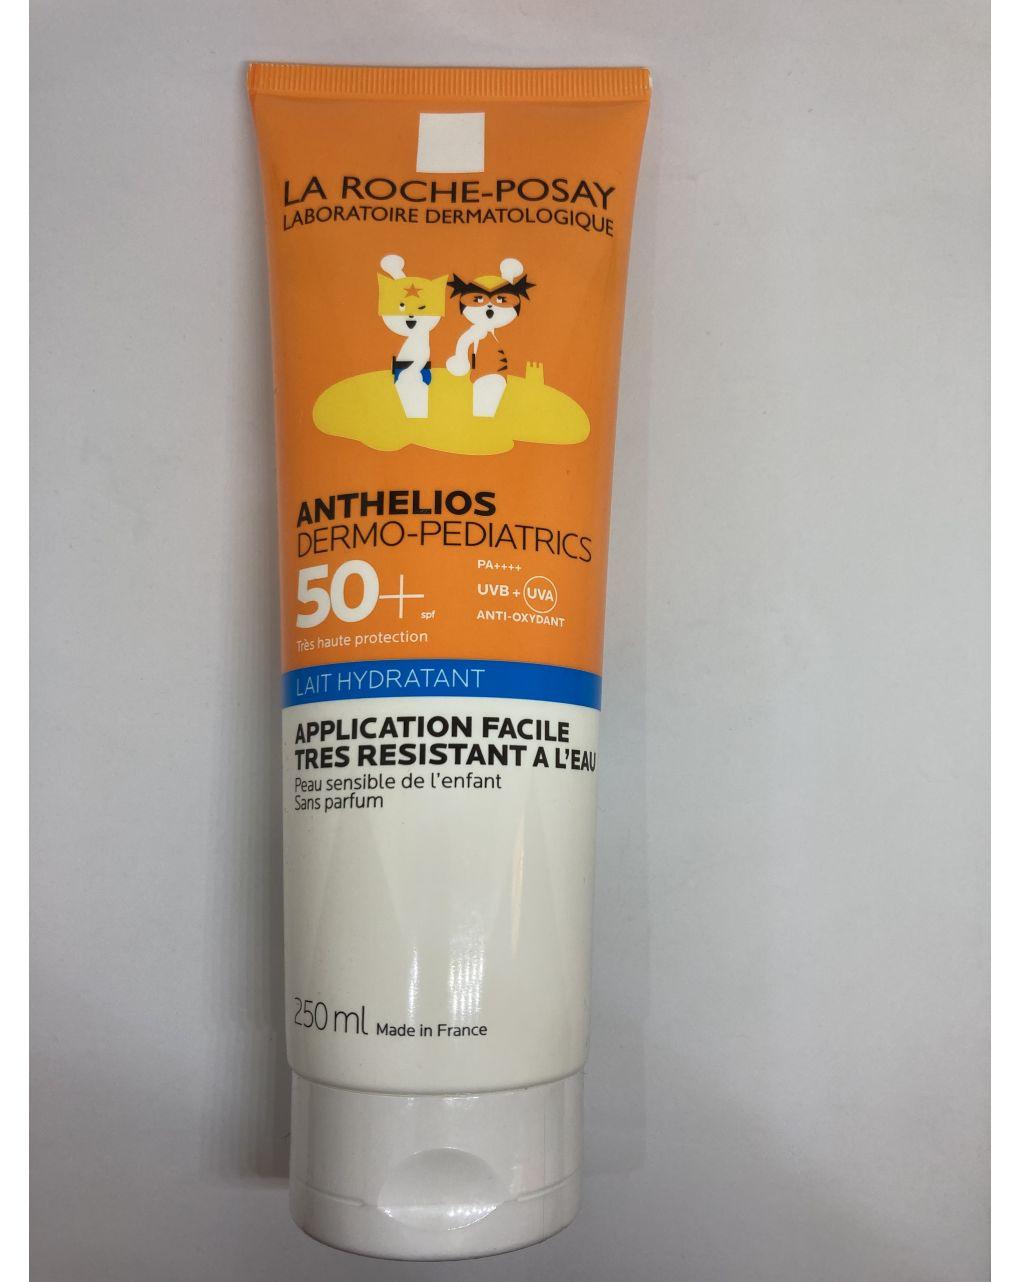 Solare la roche posay anthelios dermo-pediatrics lait hydratant 50+ 250ml - La Roche Posay